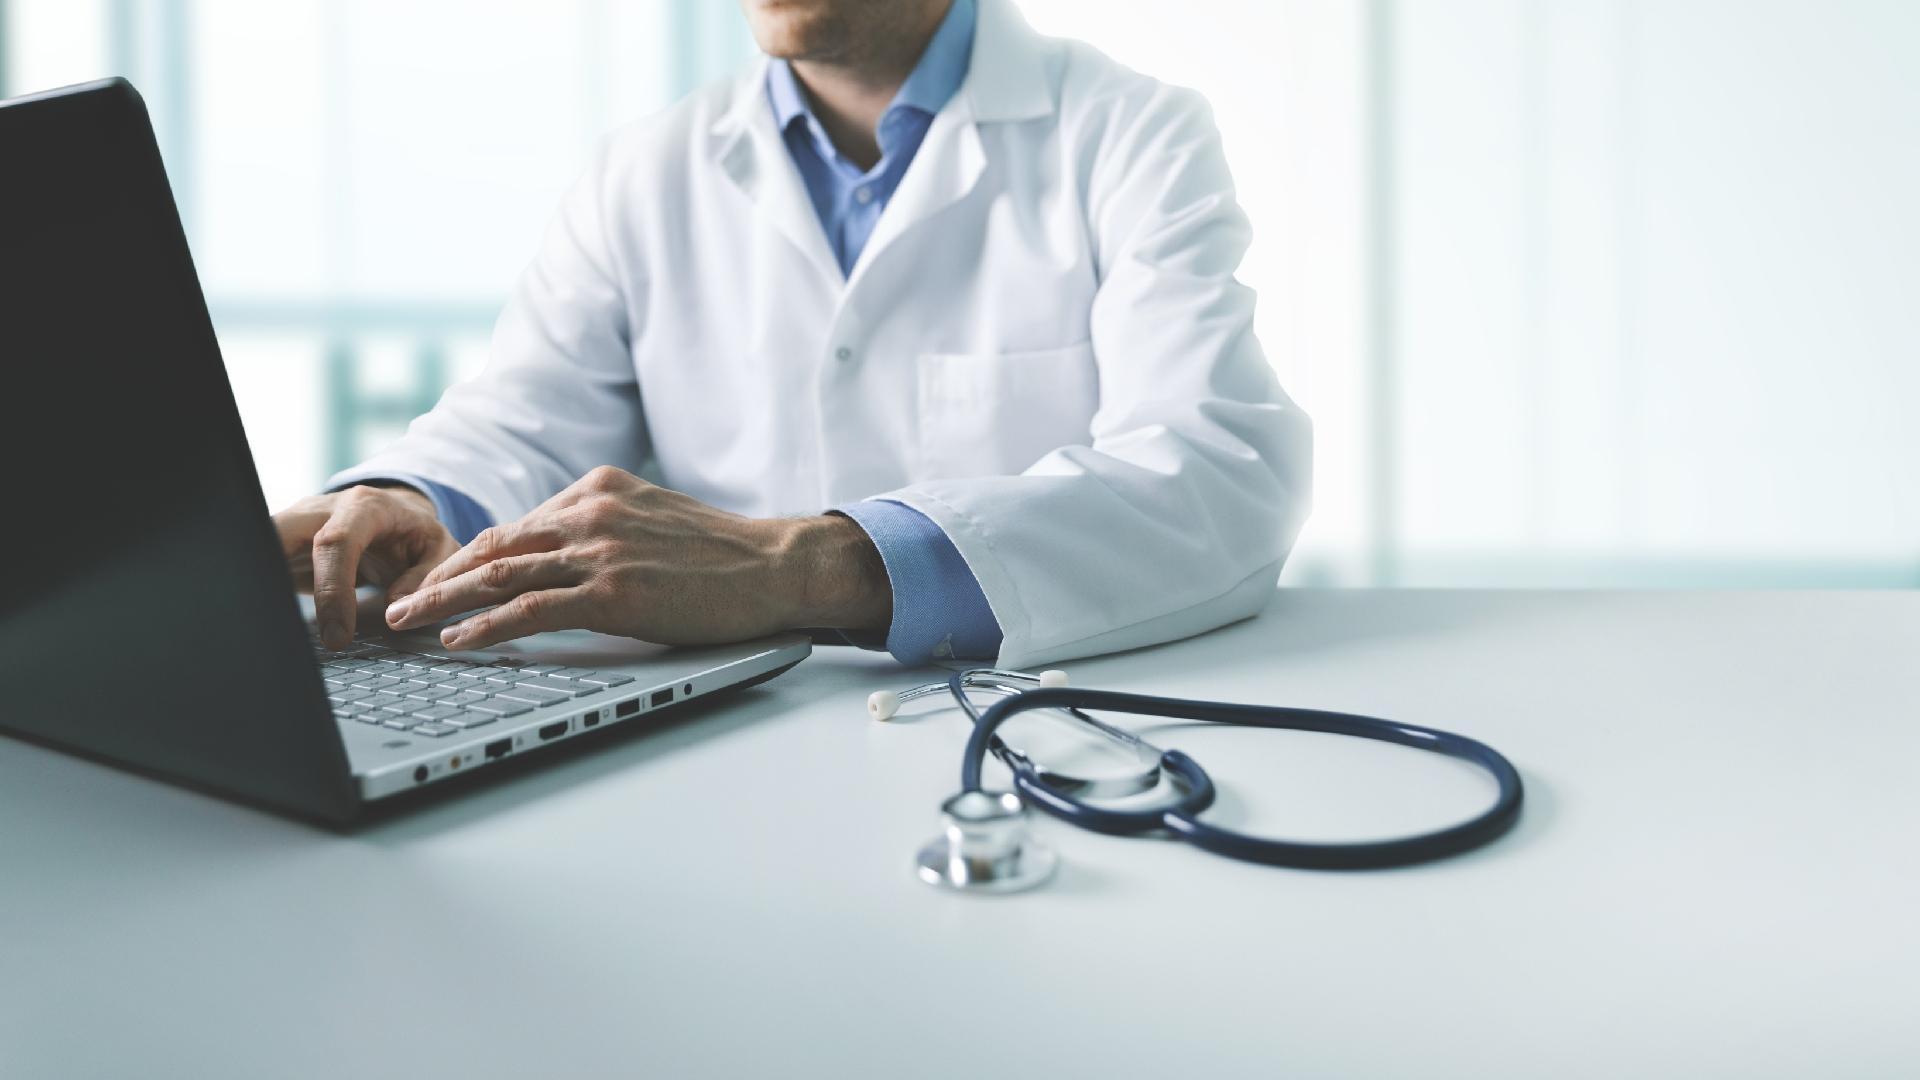 atendimento-por-telemedicina-1587039208316_v2_1920x1080